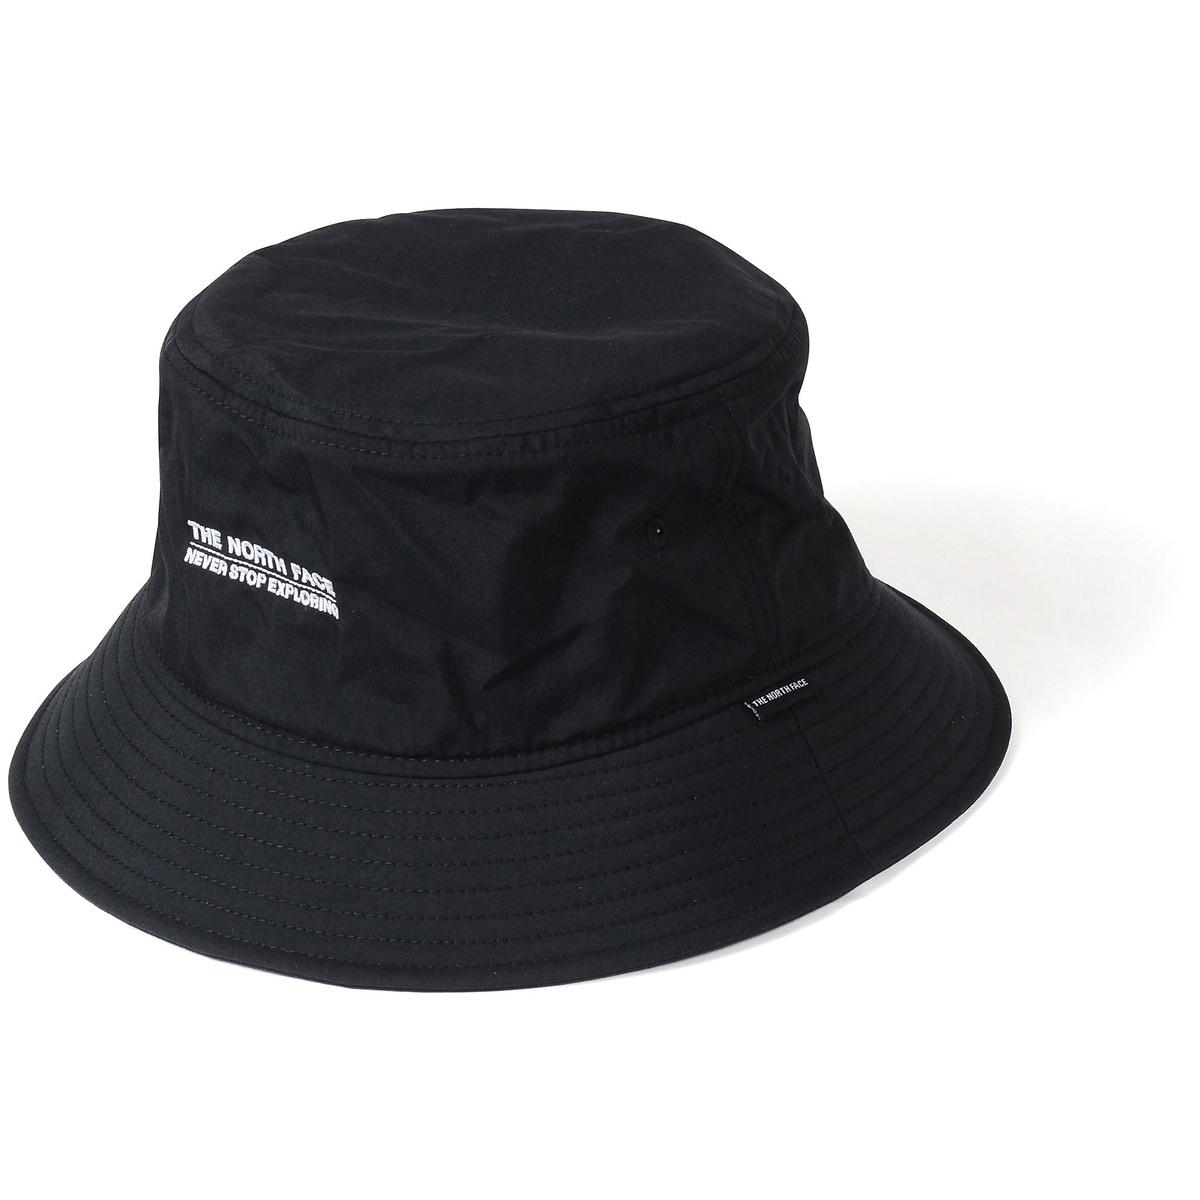 ノースフェイス トレッキング アウトドア 卓出 信憑 帽子 メンズ キャップ スポーツオーソリティ限定商品 THE NORTH FACE SPECIAL MAKE HAT ハット TSA NN02141A K TNF SMU UP